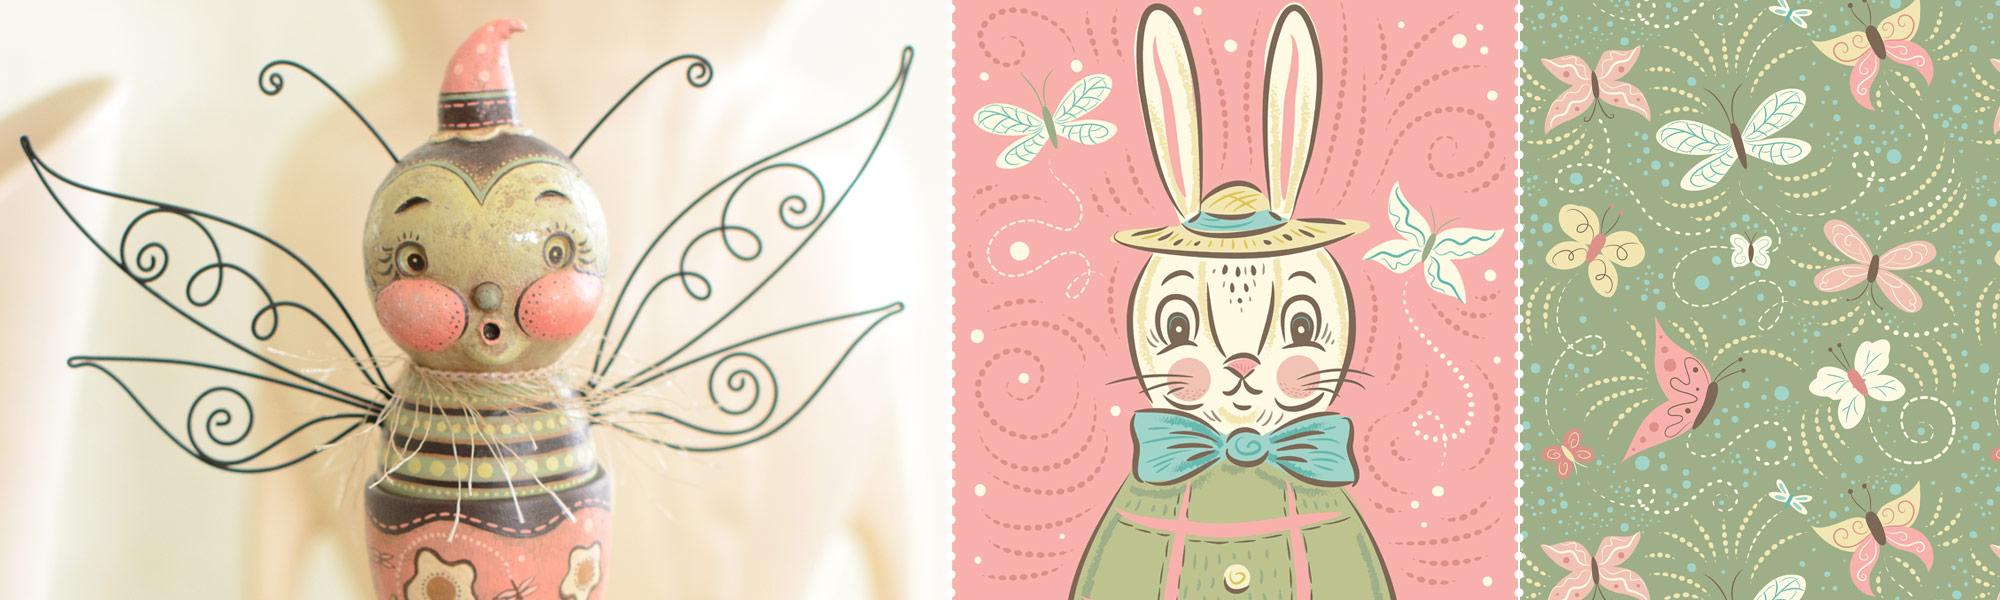 Johanna-Parker-Spring-Banner-1.jpg